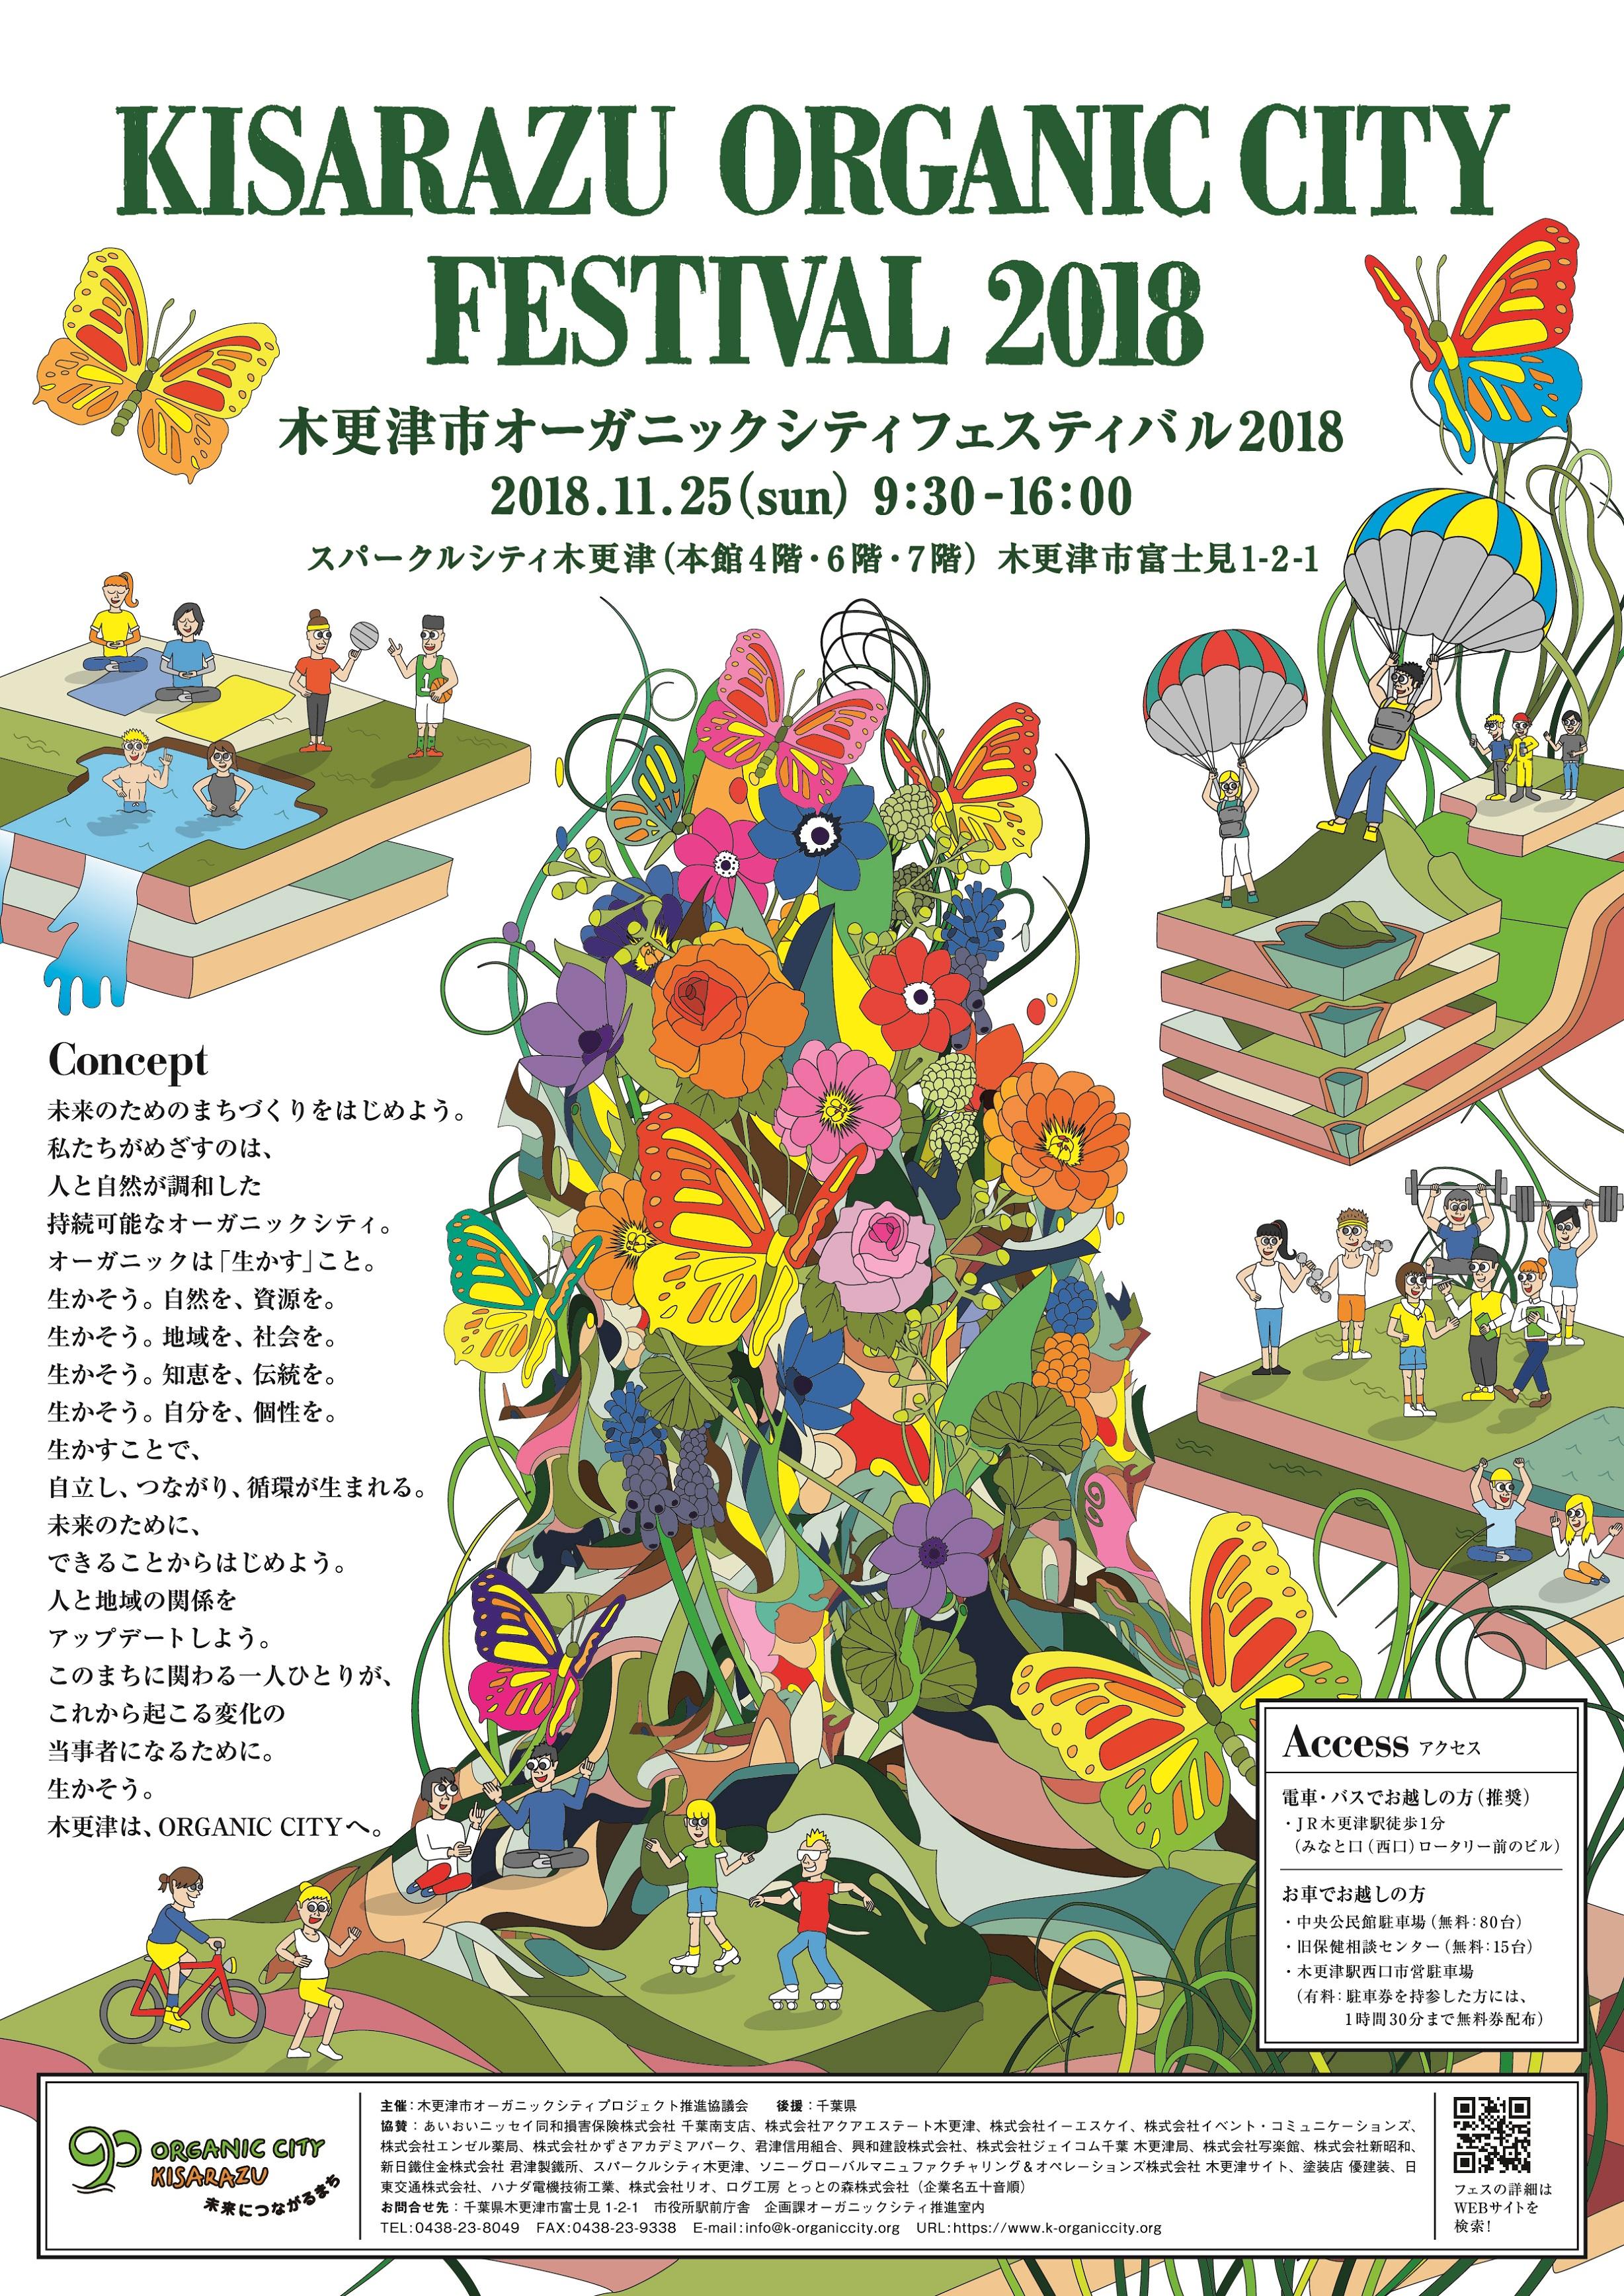 木更津市オーガニックシティフェスティバル2018(チラシ表)